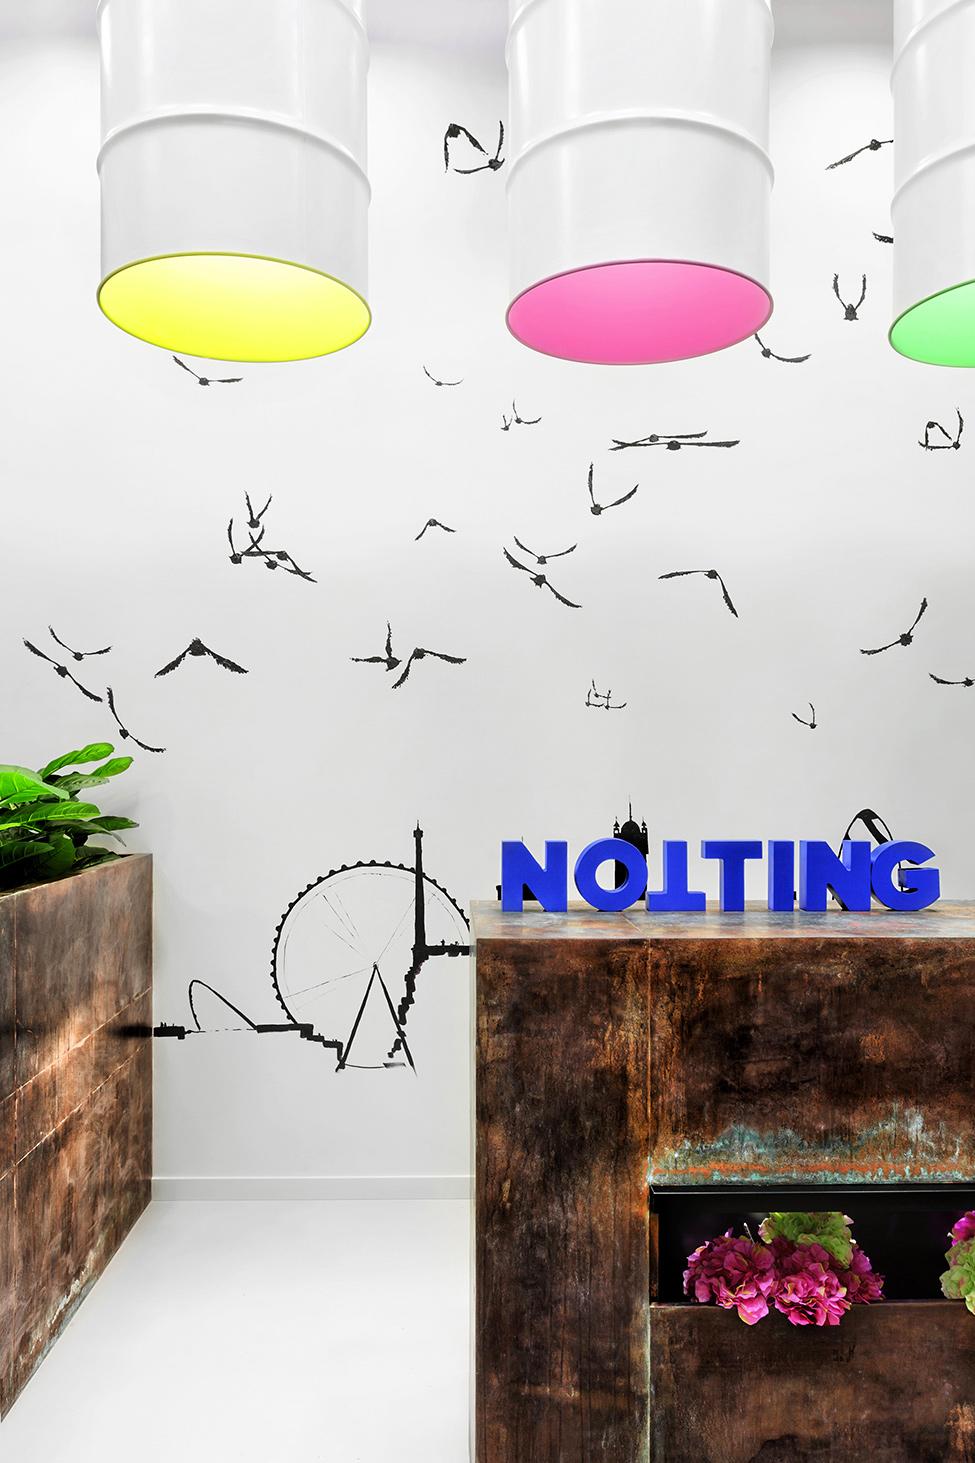 notting_hill_hqroom_ru_03